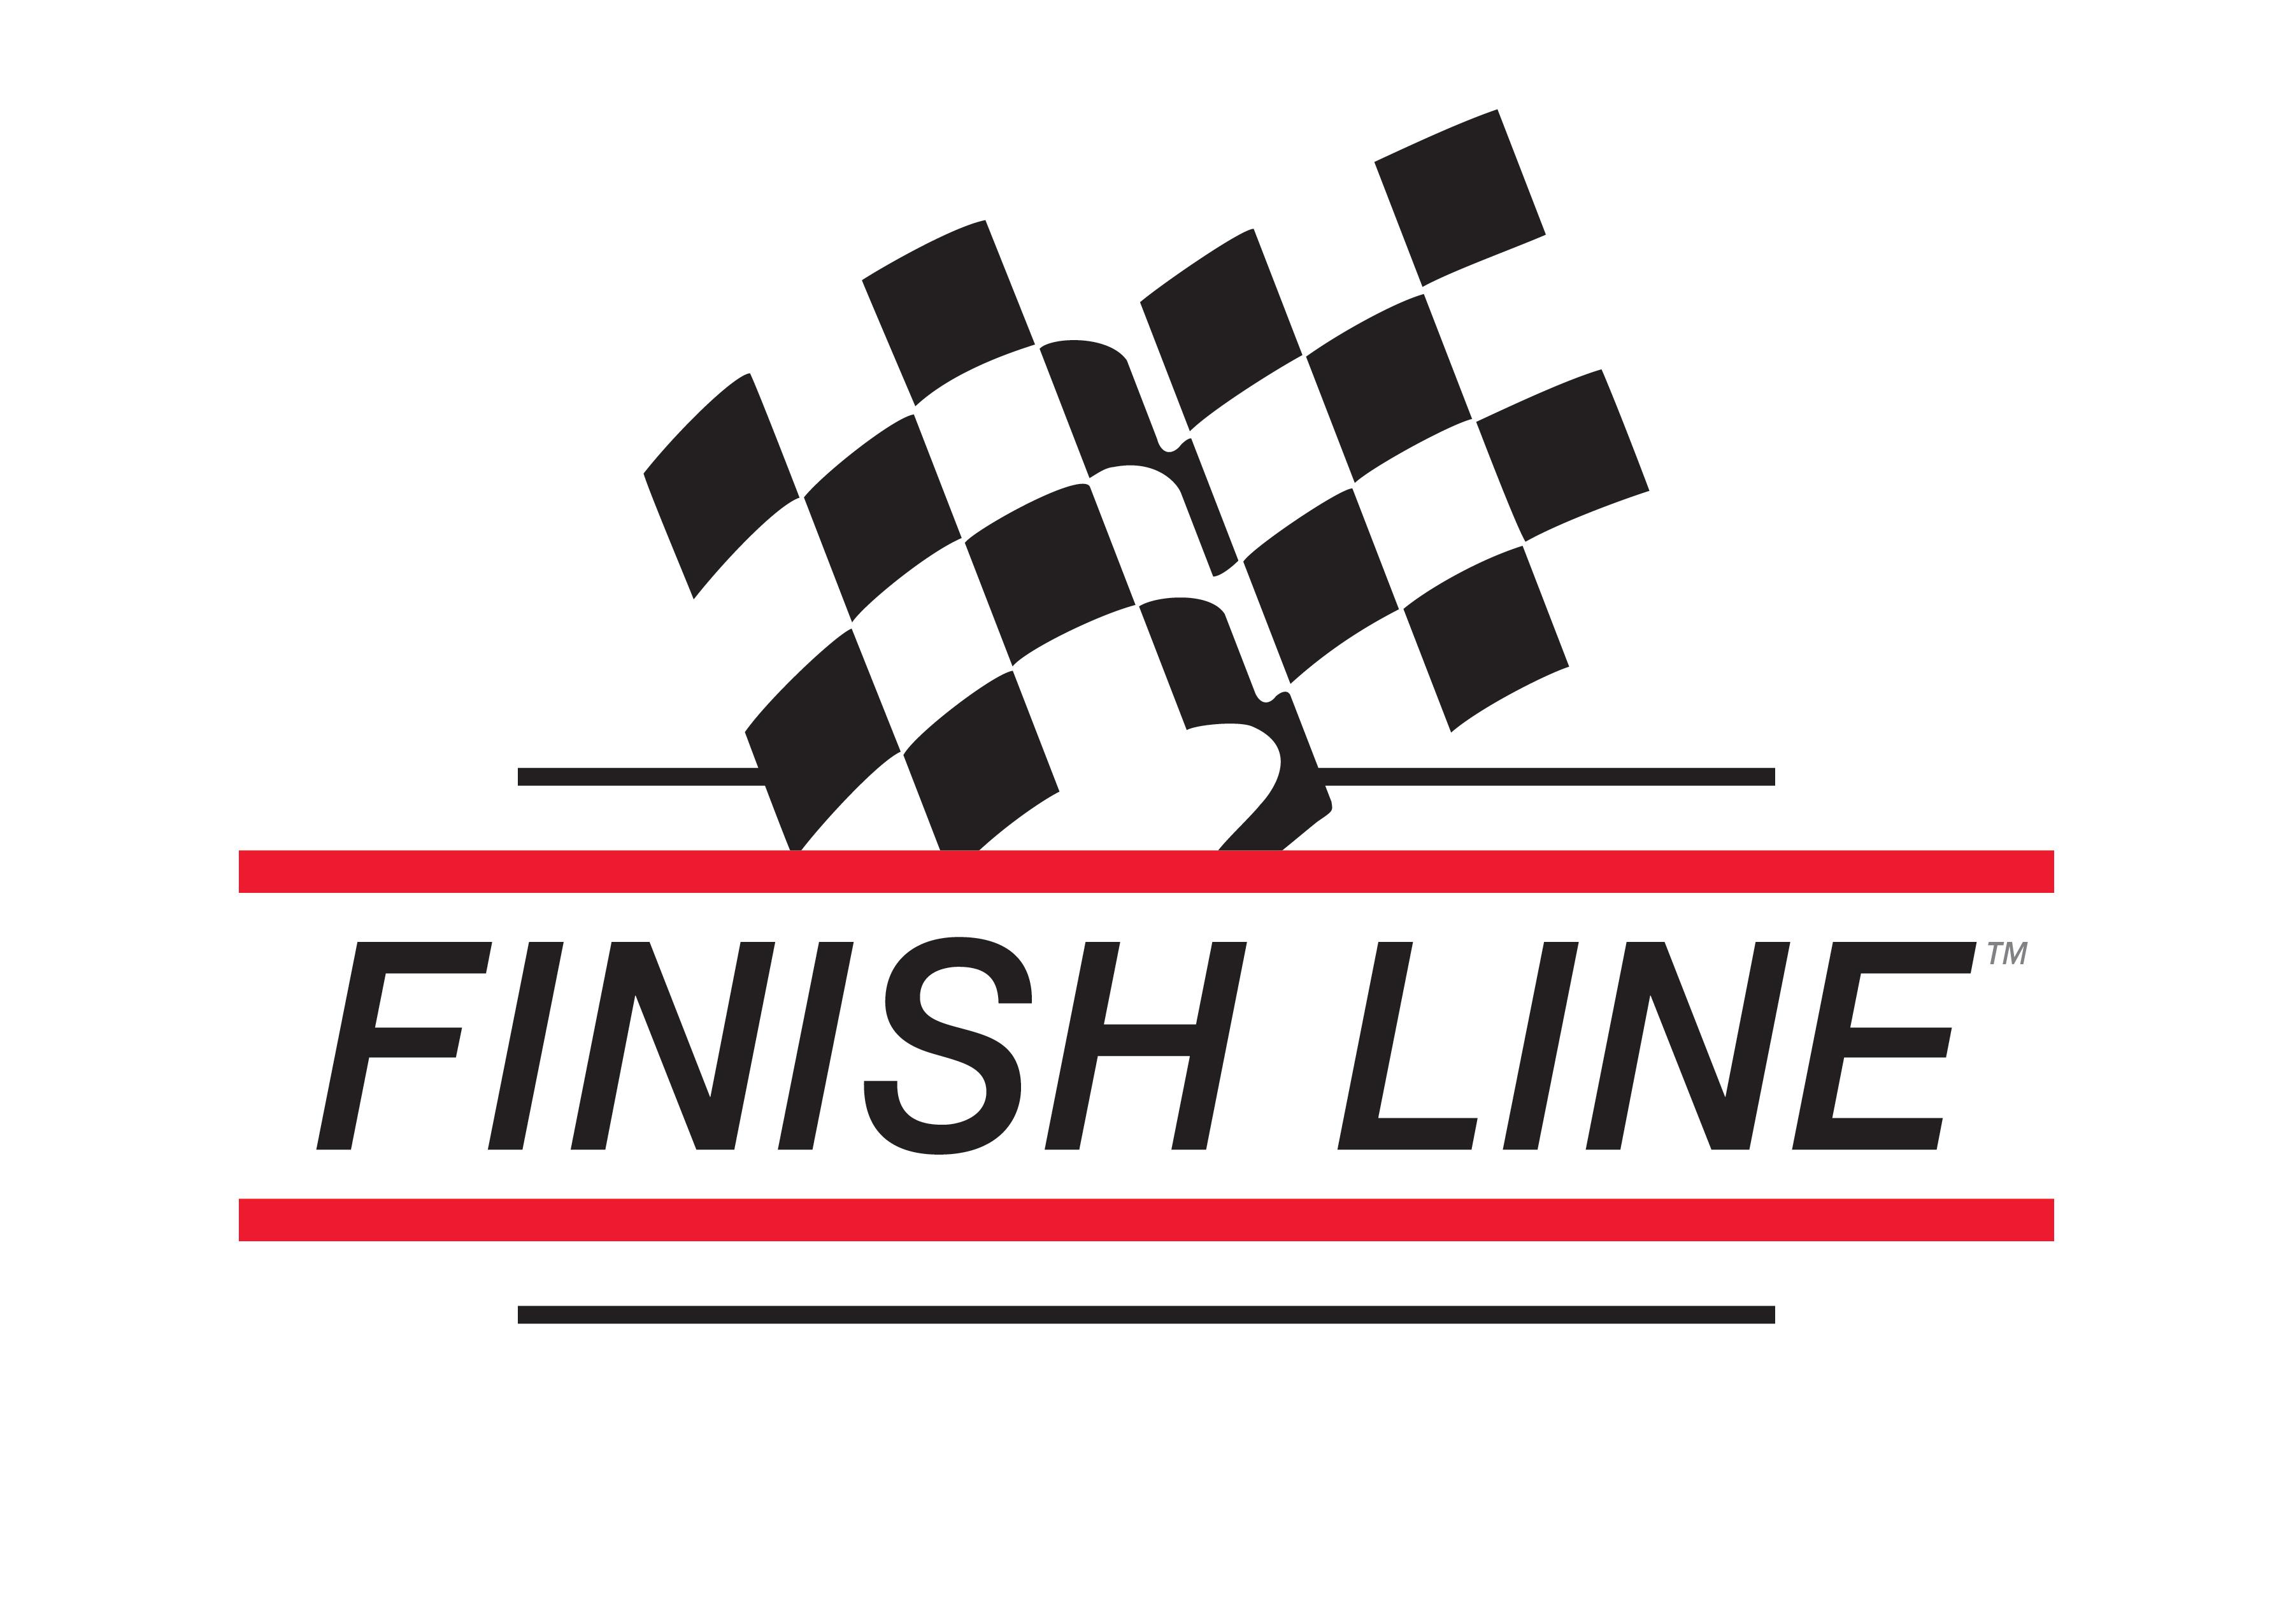 Risultati immagini per finish line